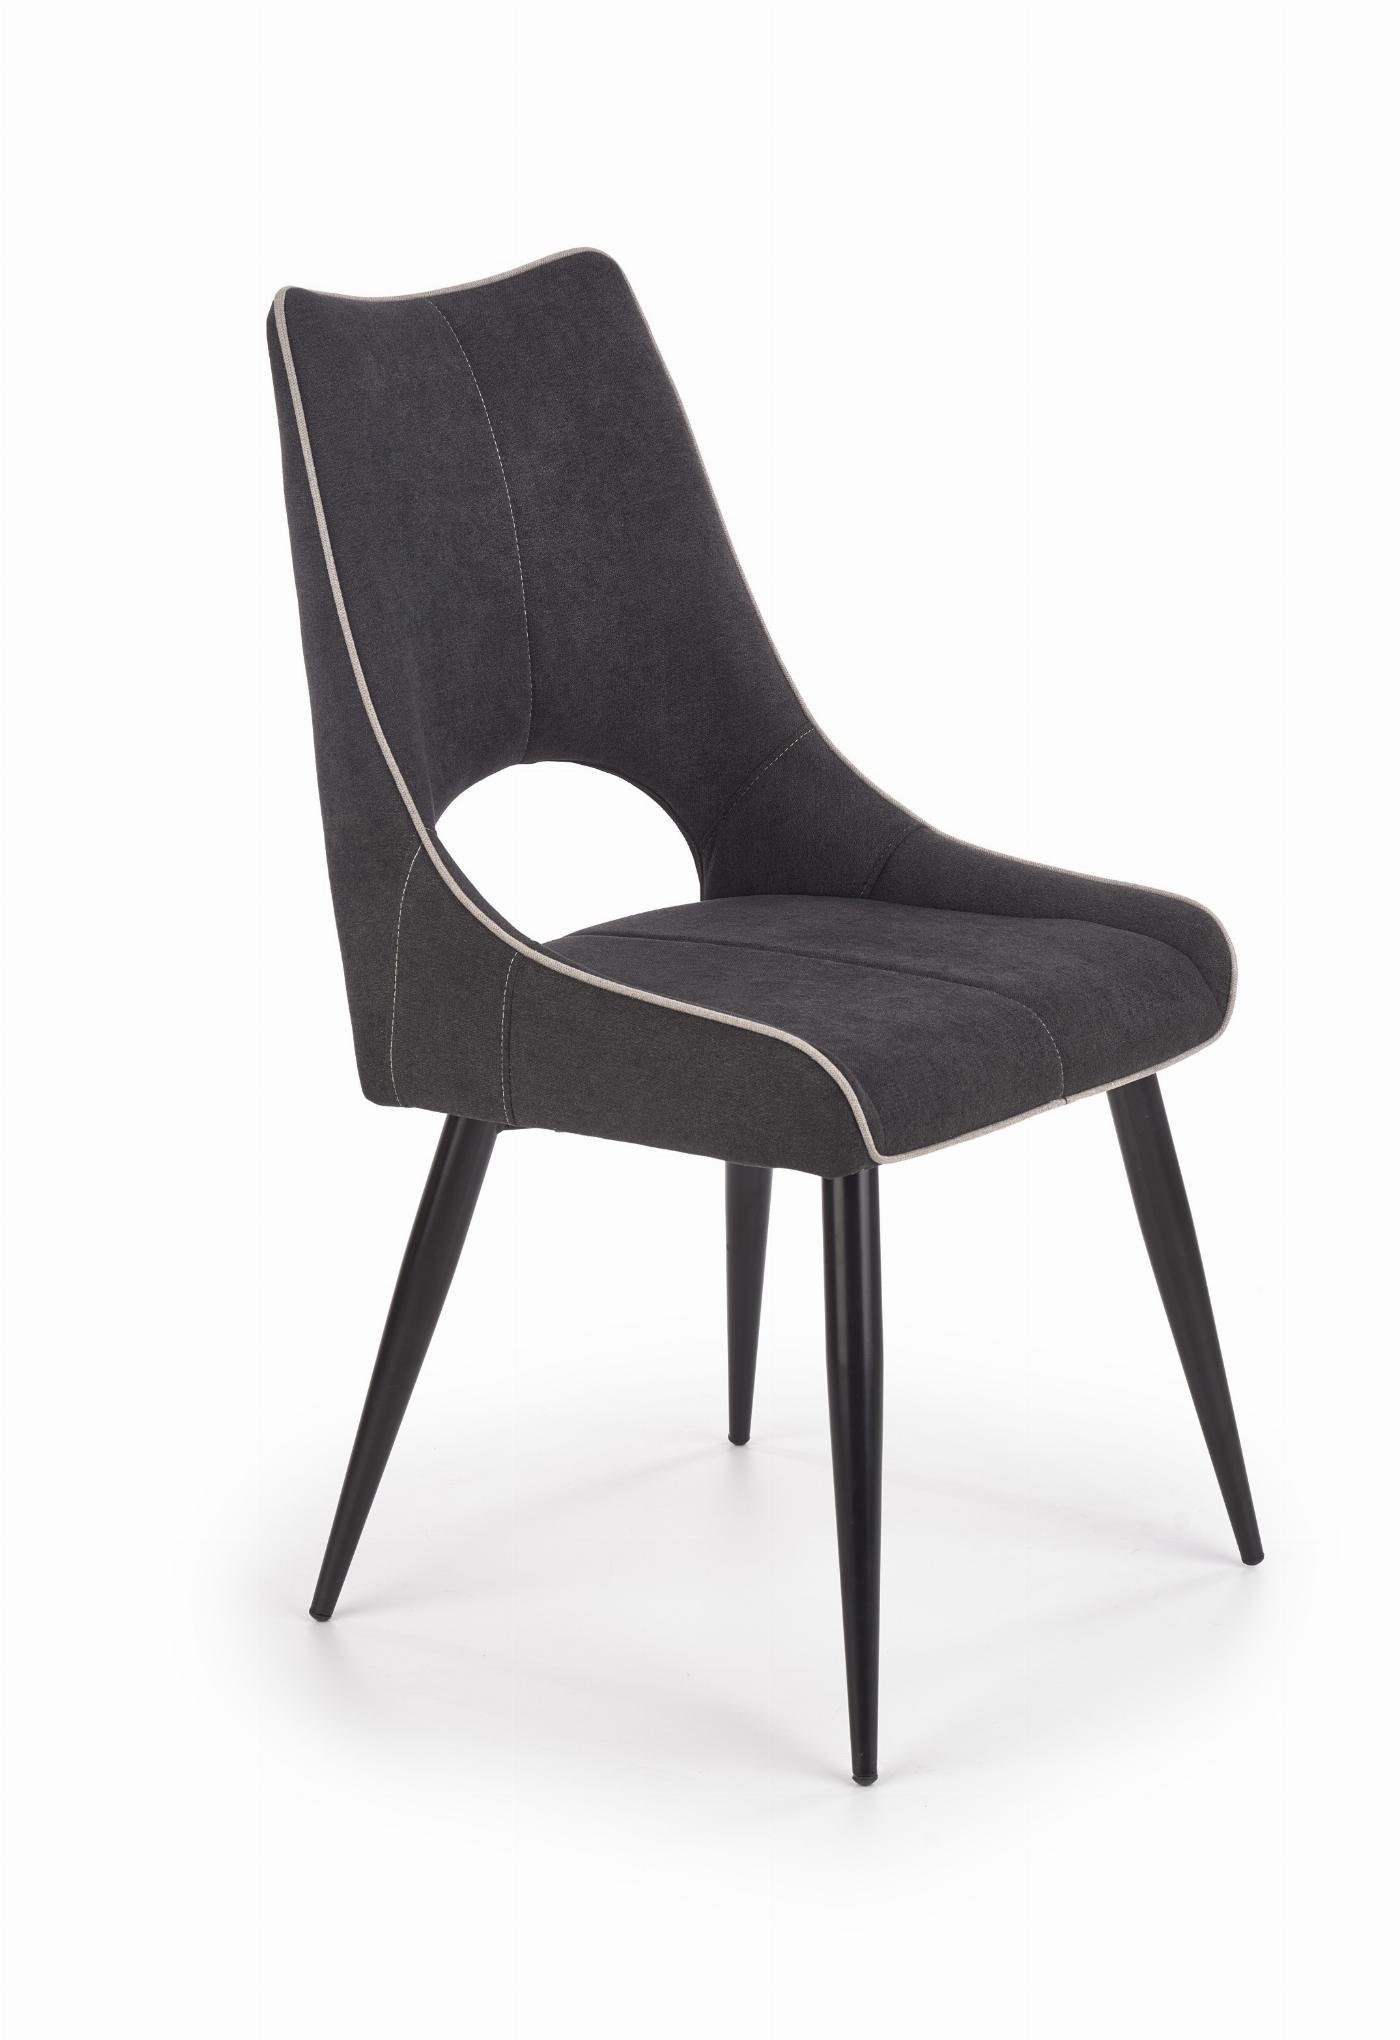 K369 krzesło ciemny popiel